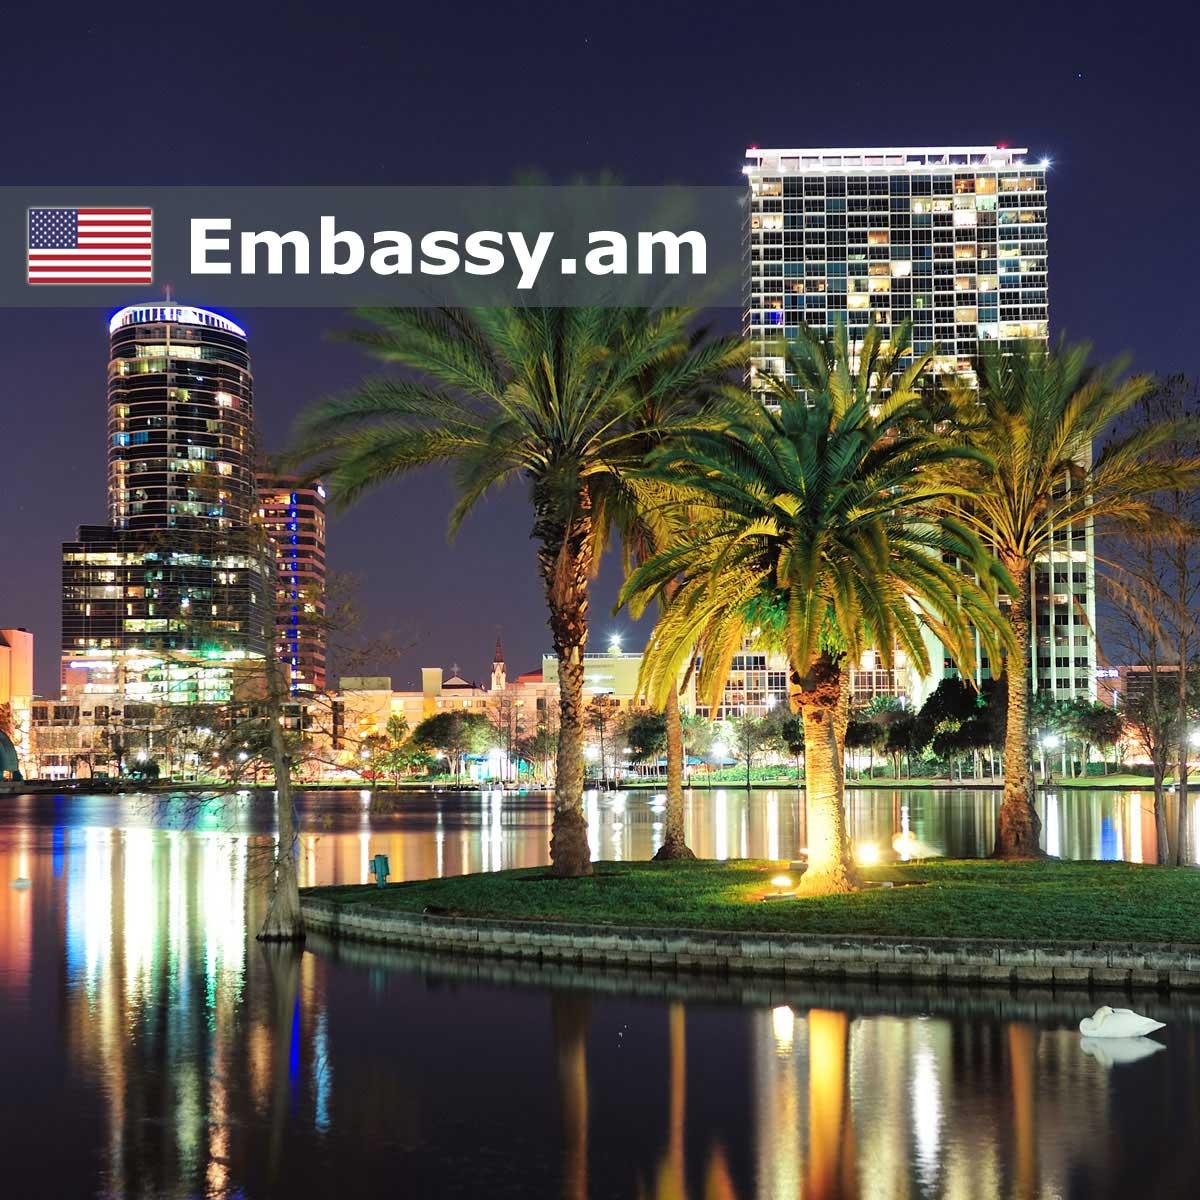 Орландо - Отели в США - Embassy.am